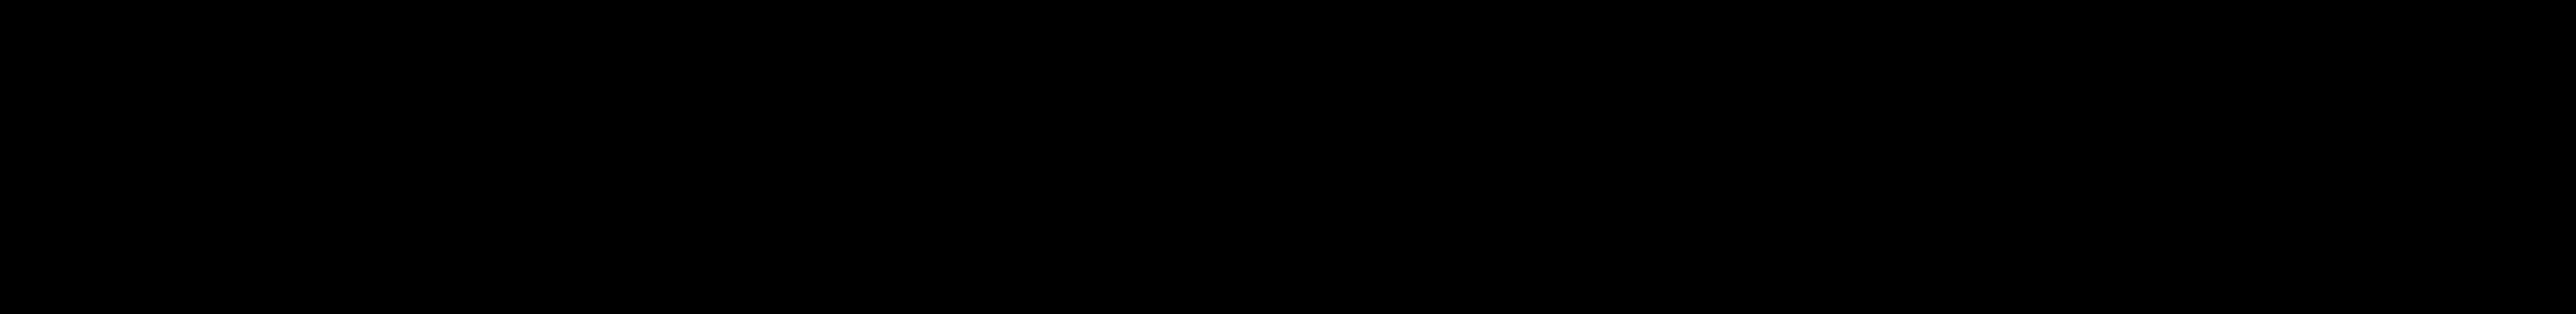 Lettermark design